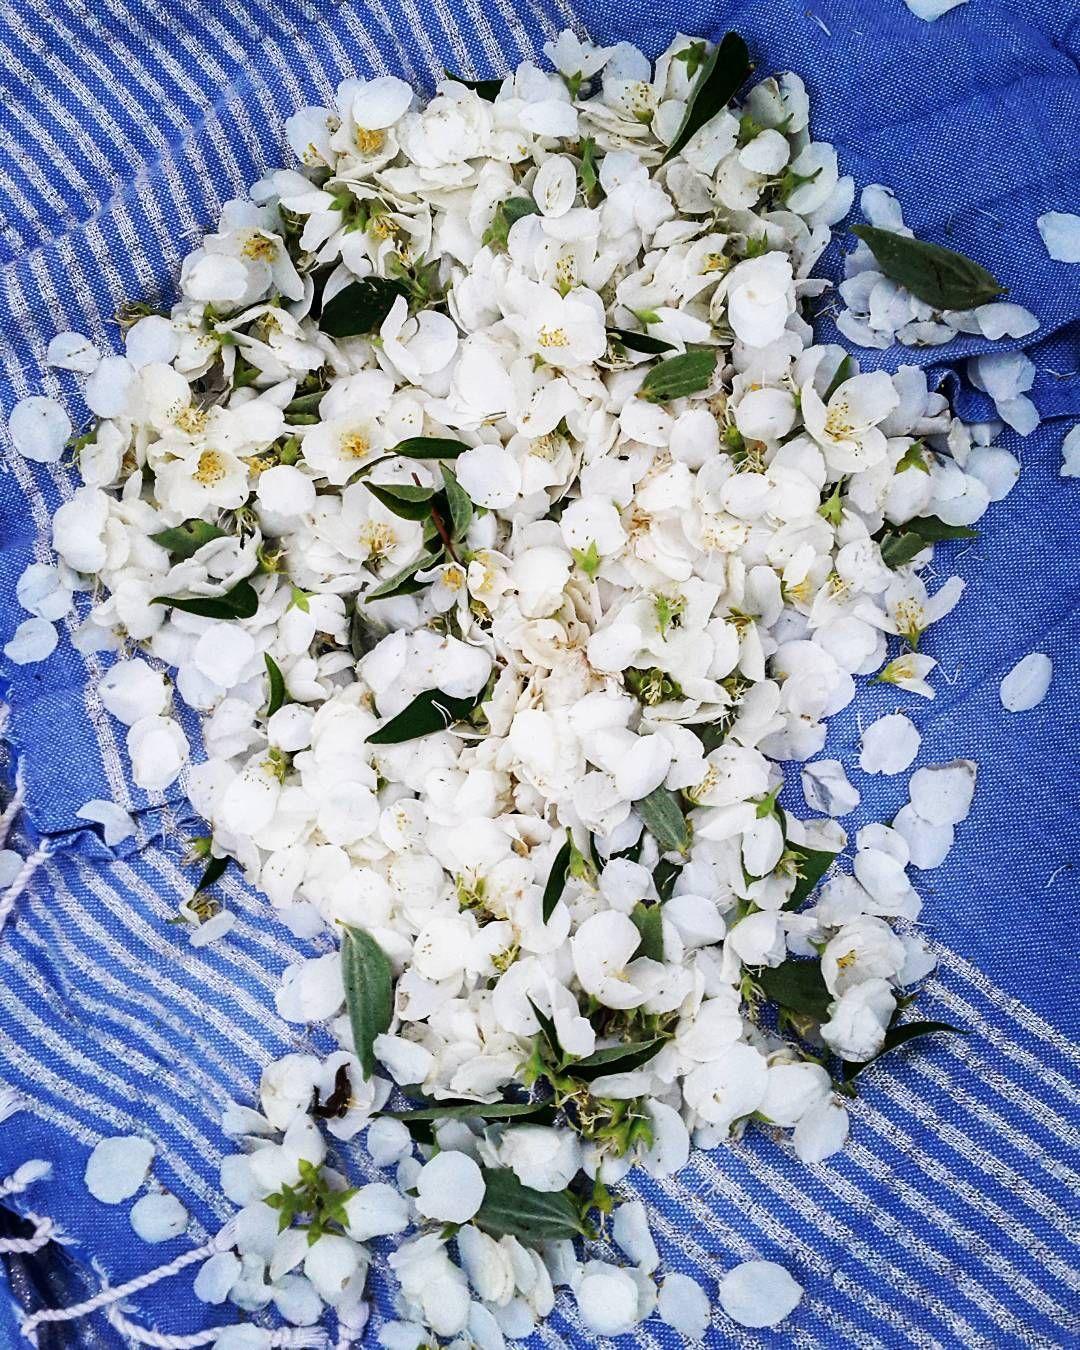 Jasmiininkukkia, Jasmine flowers #jasmine #jasmineflowers #flowersugar #flowers #whiteflowers #pedals #teaflowers #tea #naturalcosmetics #edibleflowers #syötävätkukat #syrupingredients #smellssogood #jasmiini #yönkuningatar #summerflowers #garden http://misstagram.com/ipost/1571082045592725298/?code=BXNmsvojGcy